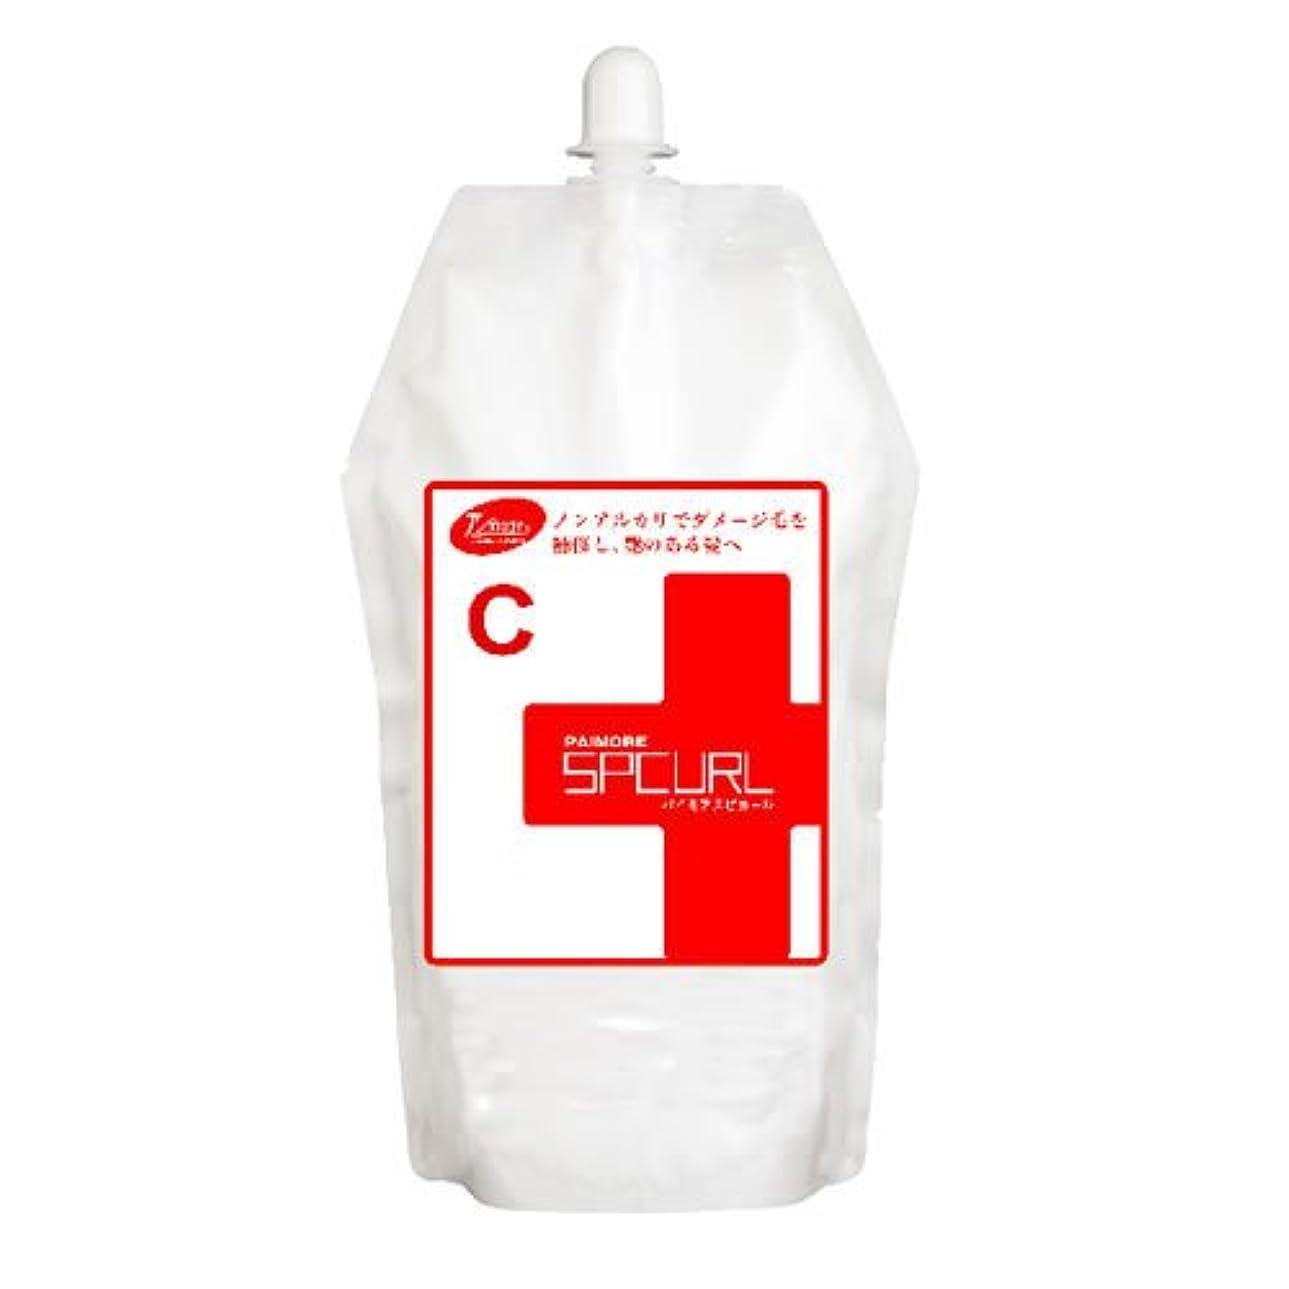 レキシコンアドバイスとパイモア スピカール クリームトリートメント 1-C 1000g SPCURL